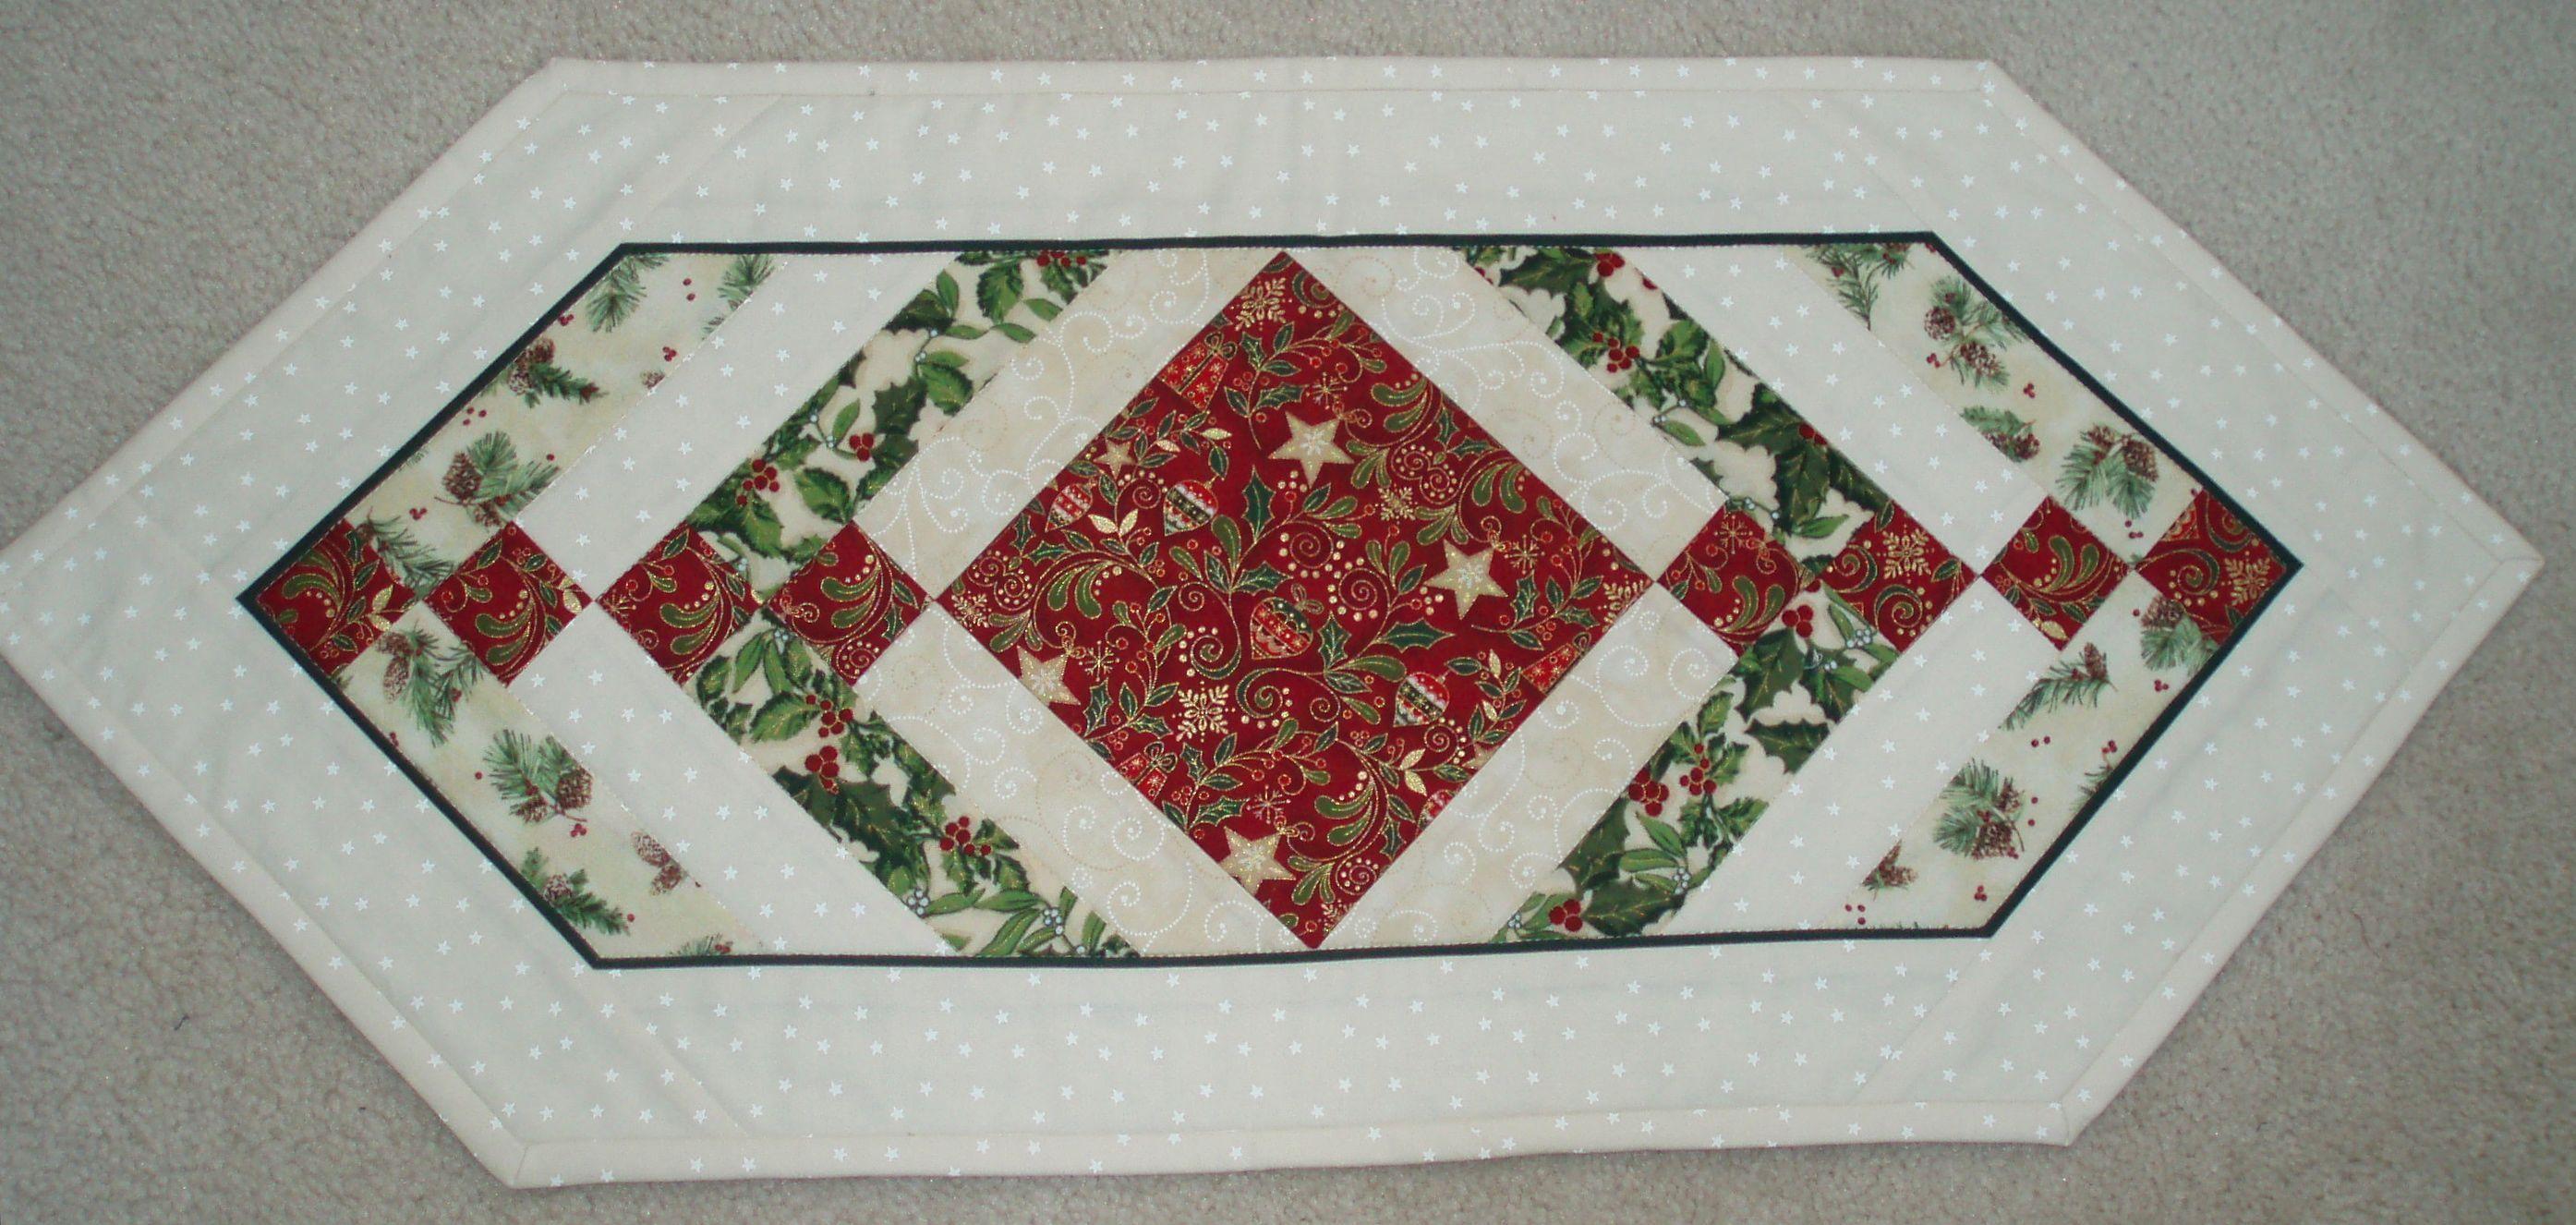 Christmas table runner quilt ideas pinterest